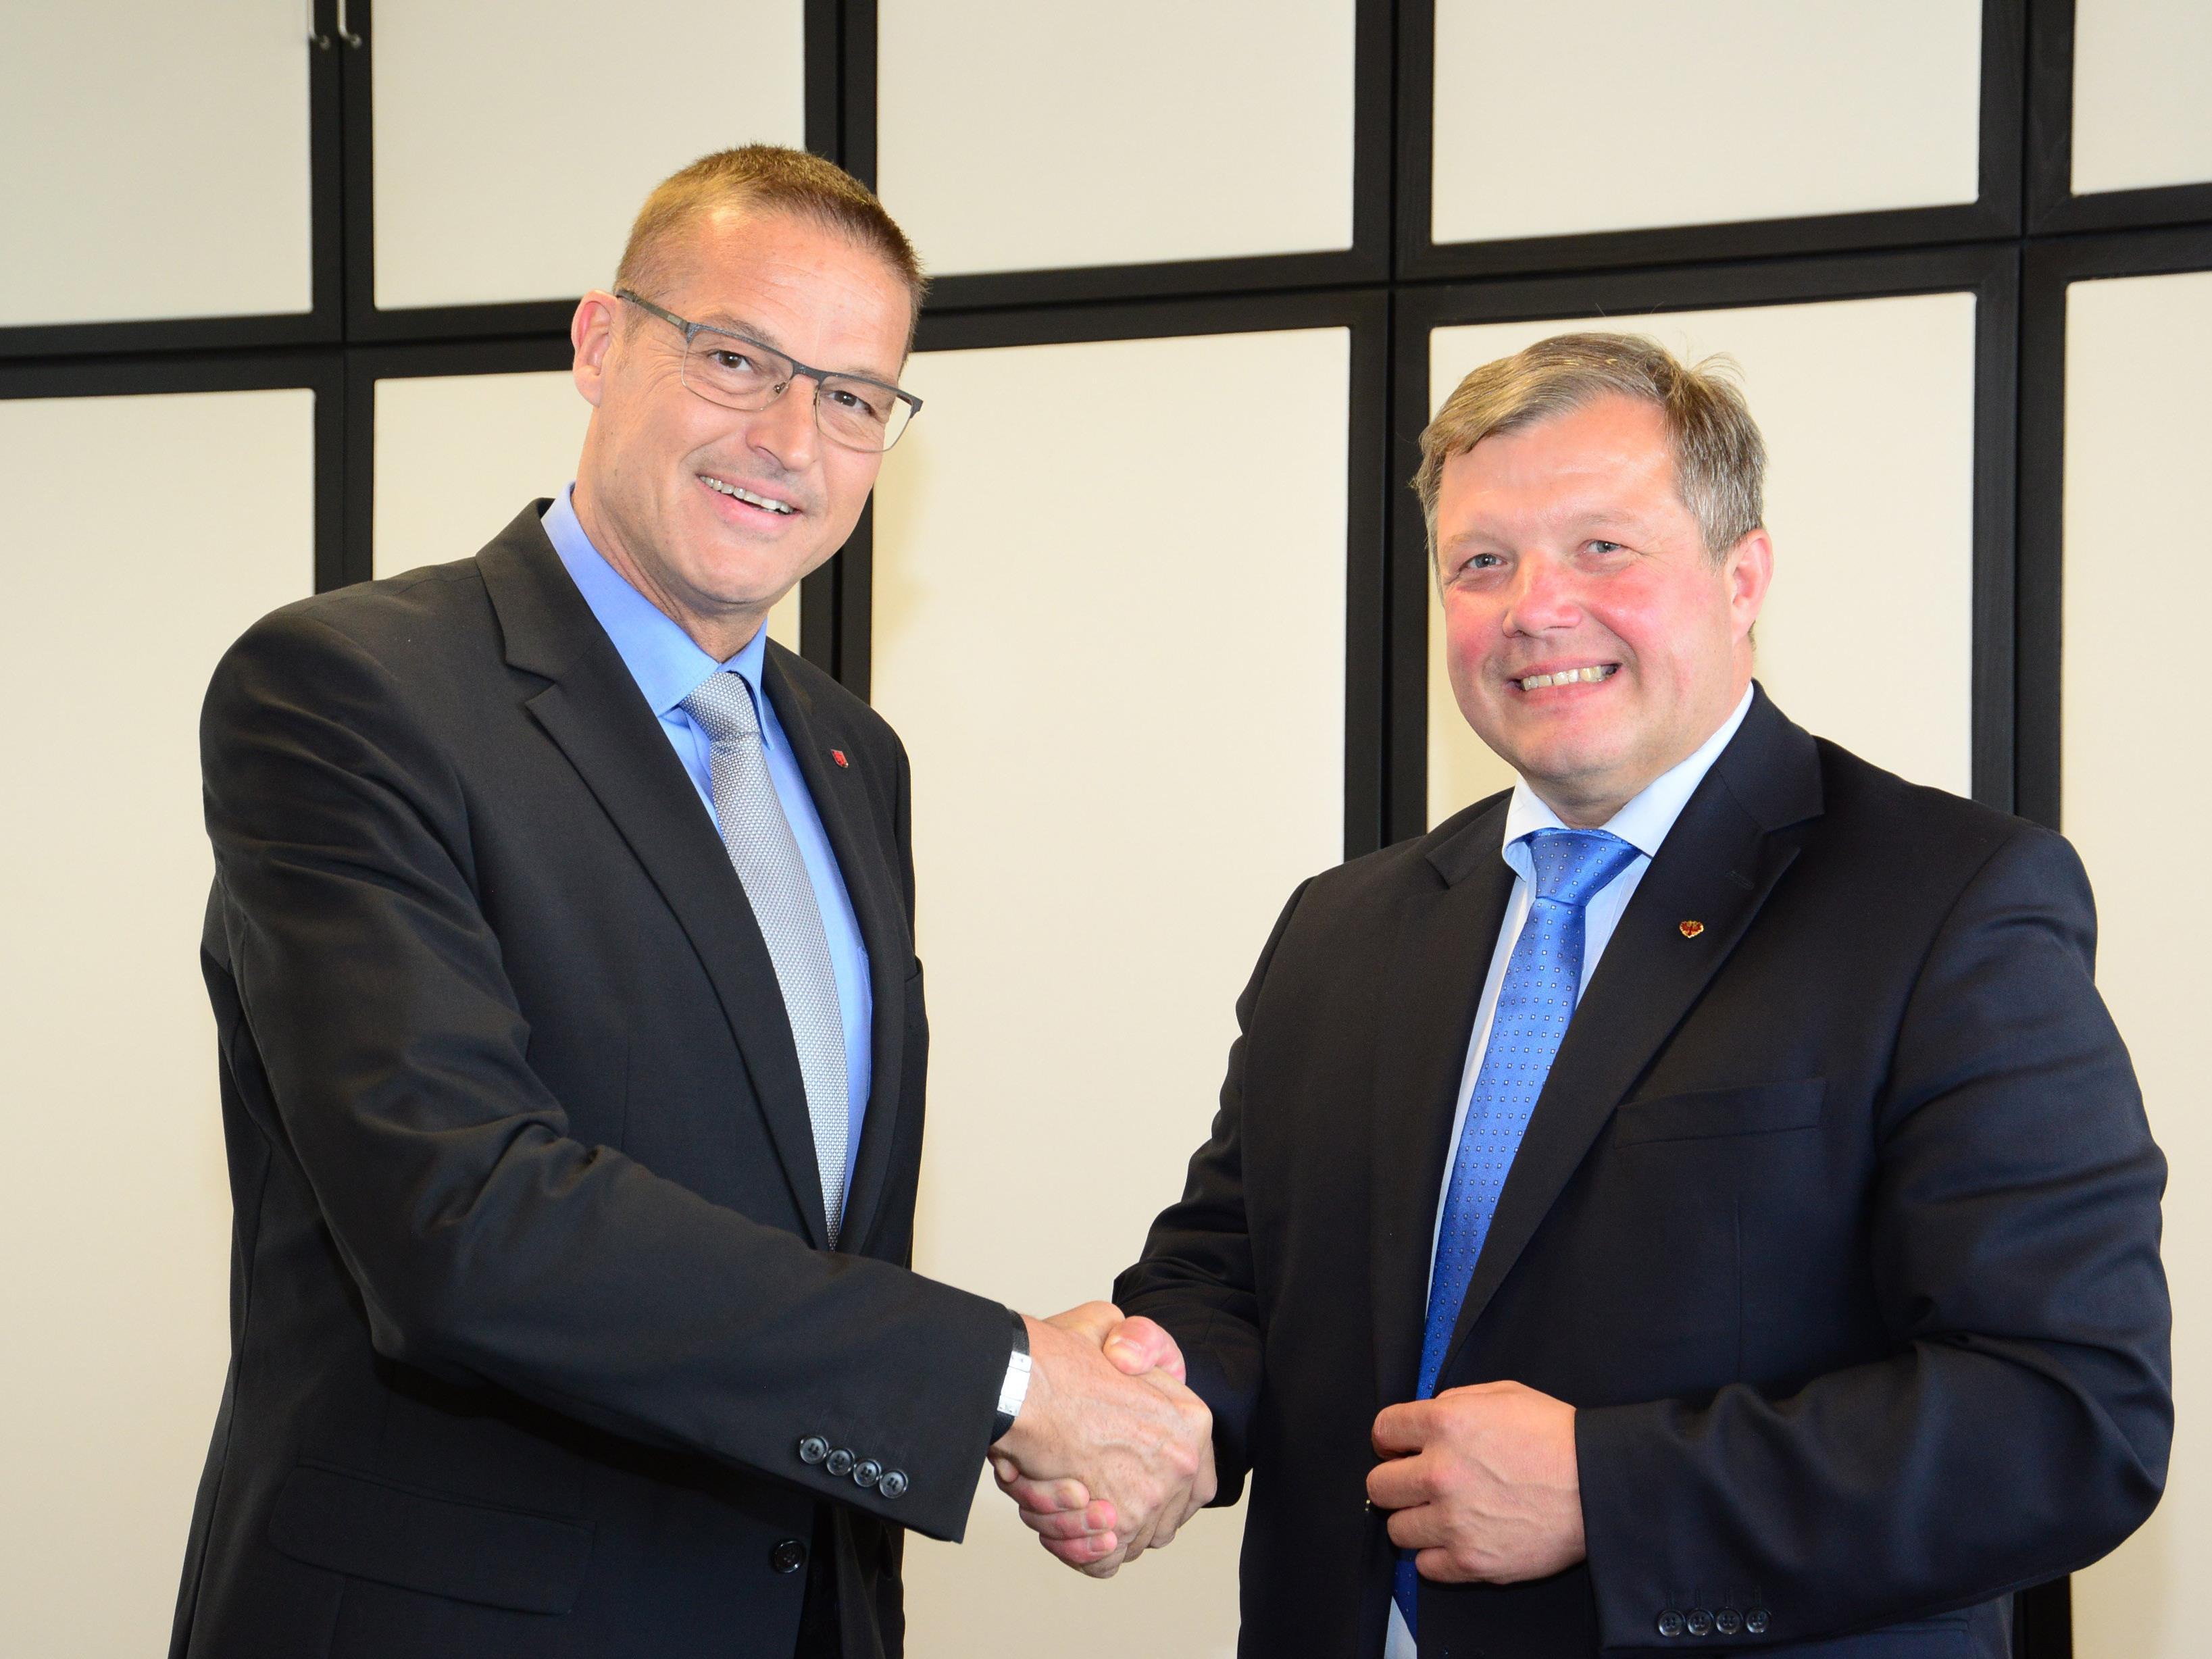 Tirols Gesundheitslandesrat Bernhard Tilg traf sich mit seinem Vorarlberger Amtskollegen Christian Bernhard zu einem Arbeitsgespräch in Bregenz